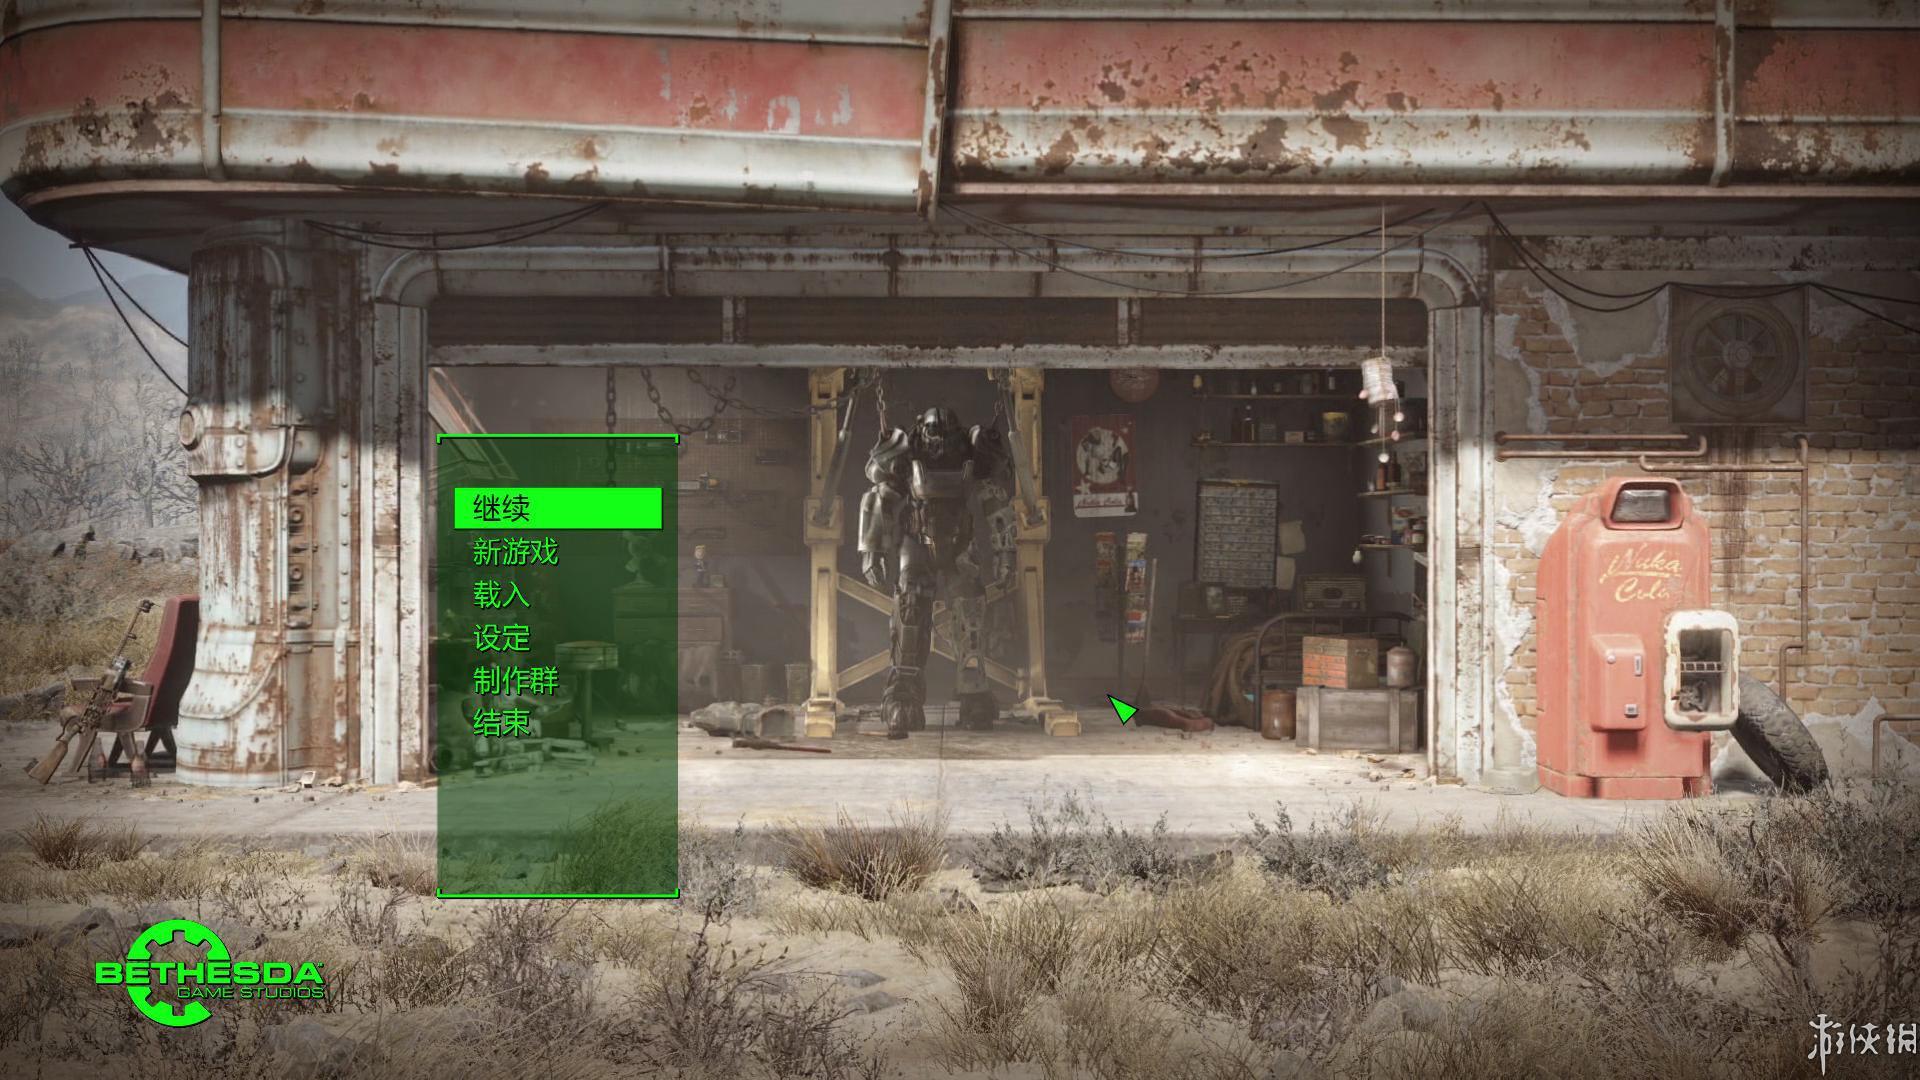 辐射4/Fallout 4/3/2/1/辐射避难所/新维加斯/钢铁兄弟会[新版v1.10]插图